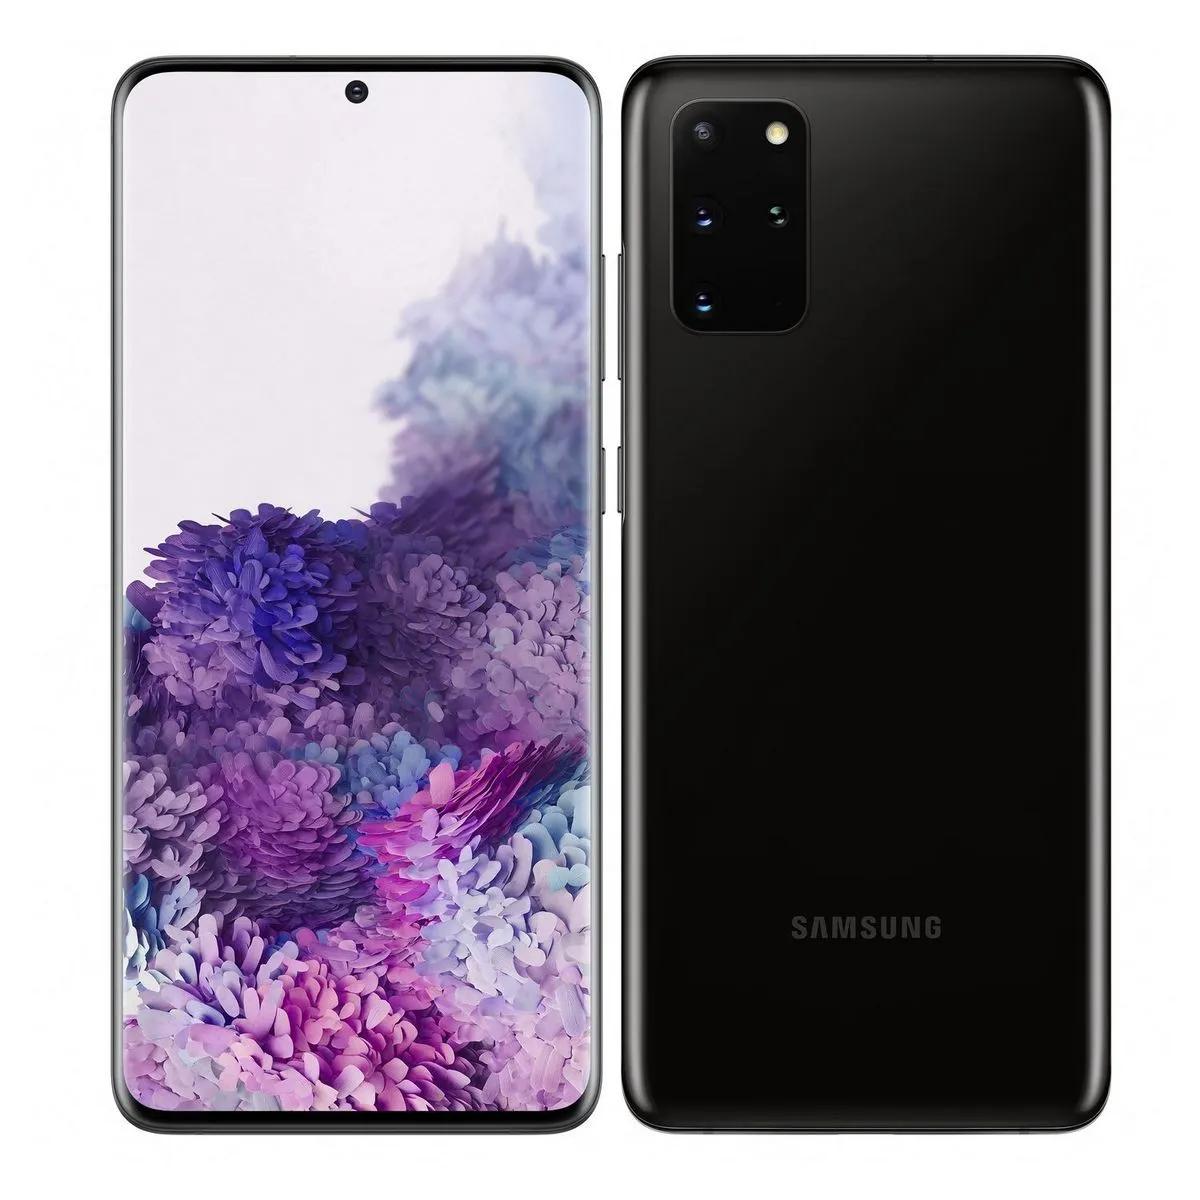 """Smartphone 6.7"""" Samsung Galaxy S20+ - WQHD+, Exynos 990, 8 Go RAM, 128 Go"""